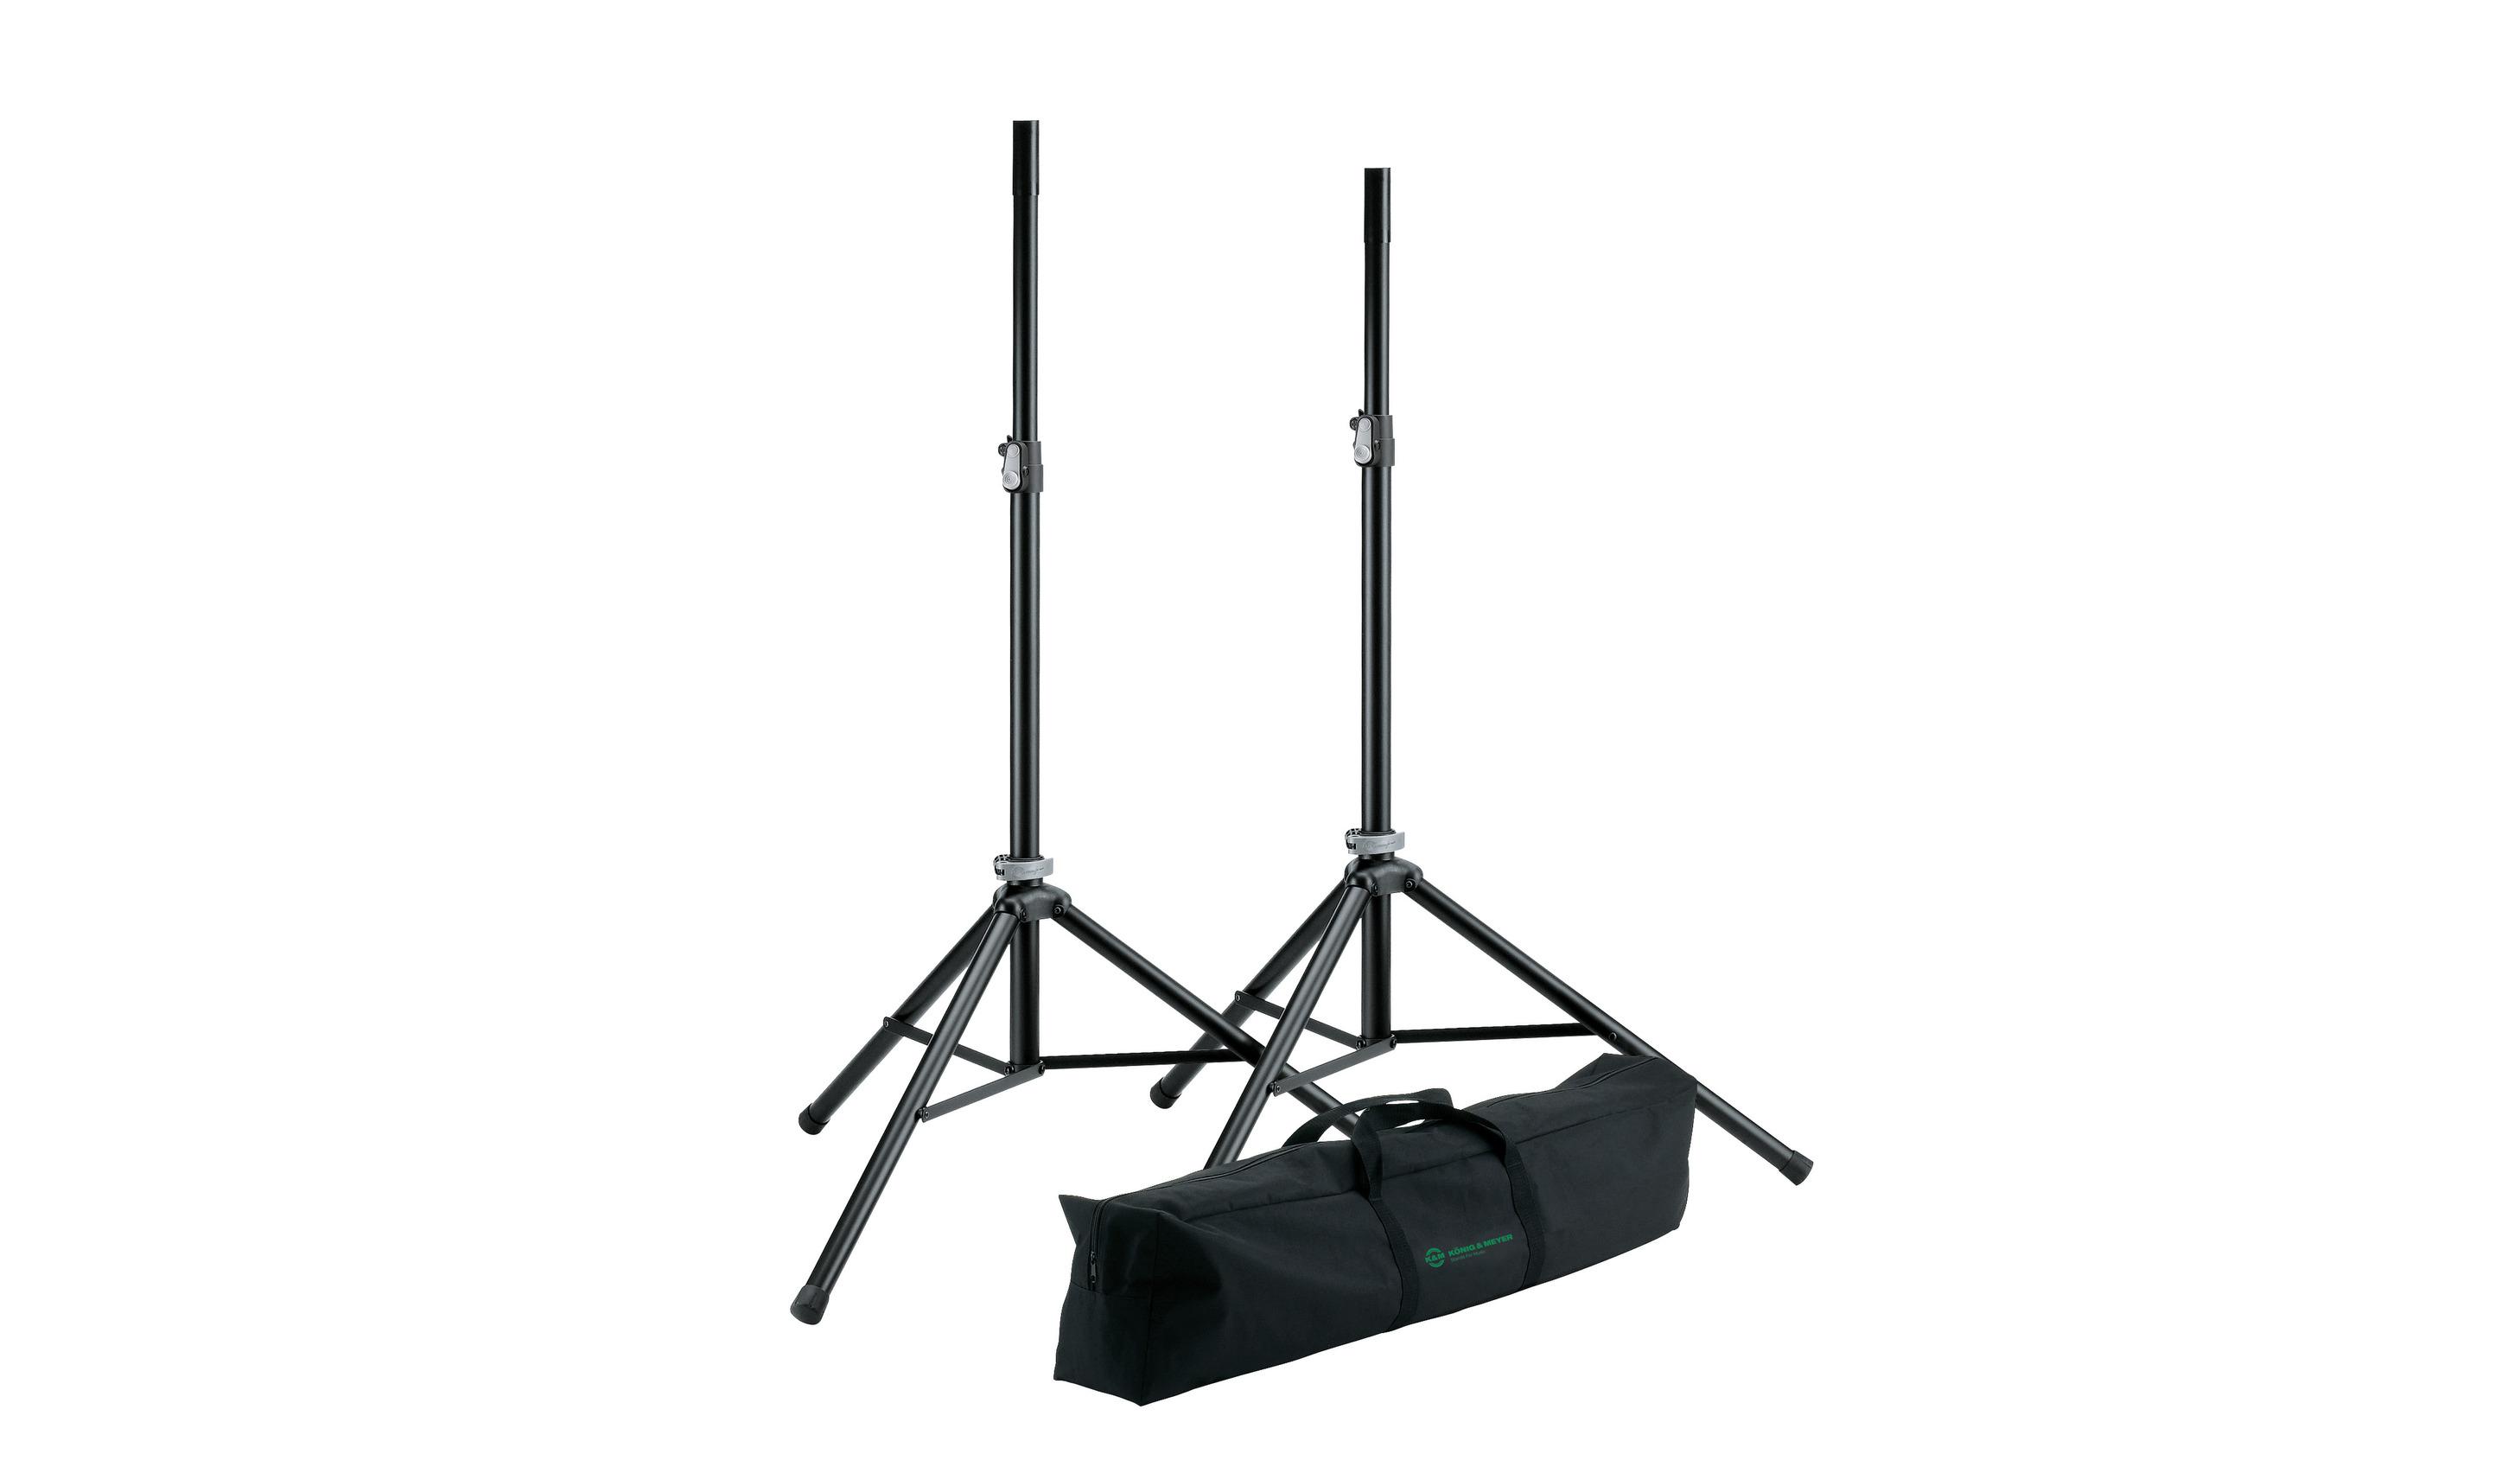 König & Meyer 21449 Speaker stand package